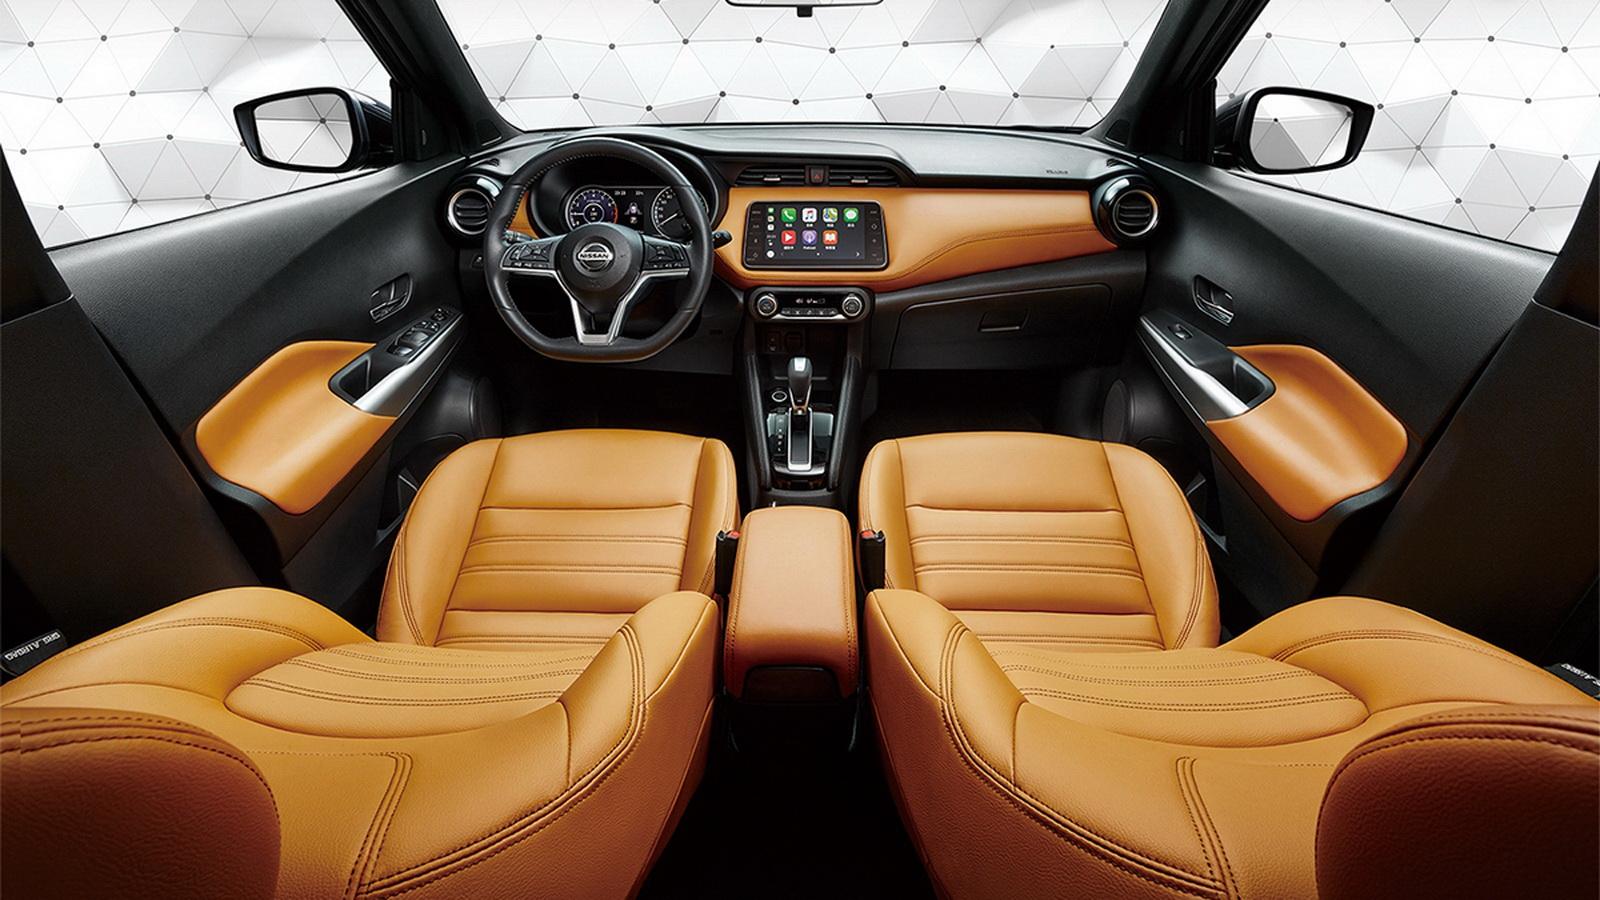 圖/2020 Nissan Kicks 1.5智行旗艦版搭載Nissan智行車聯系統,透過行動裝置就能隨時掌握愛車狀態。